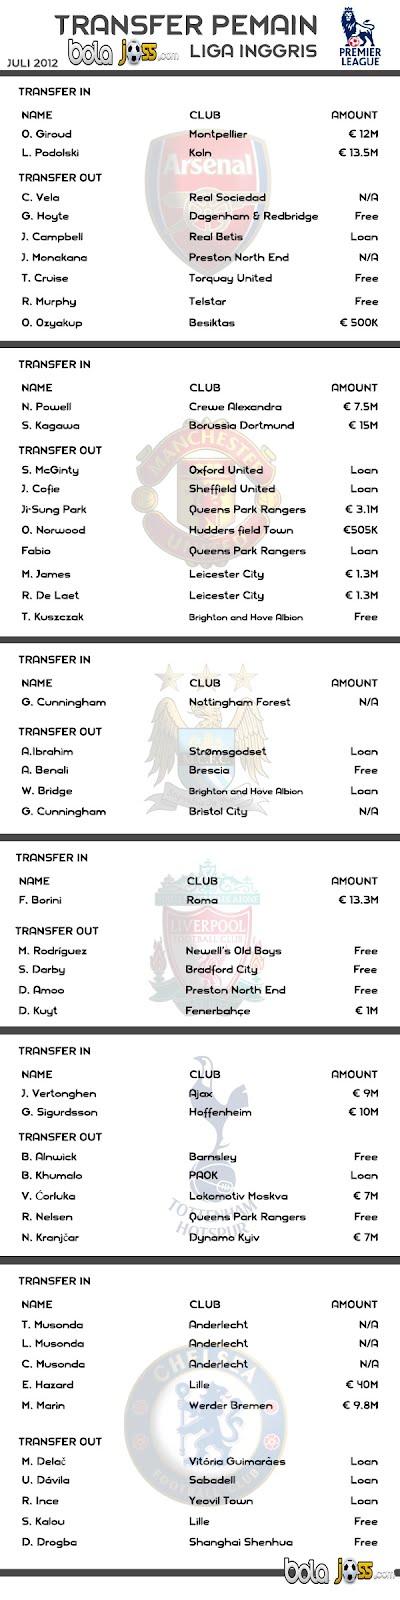 Bursa Transfer Liga Inggris